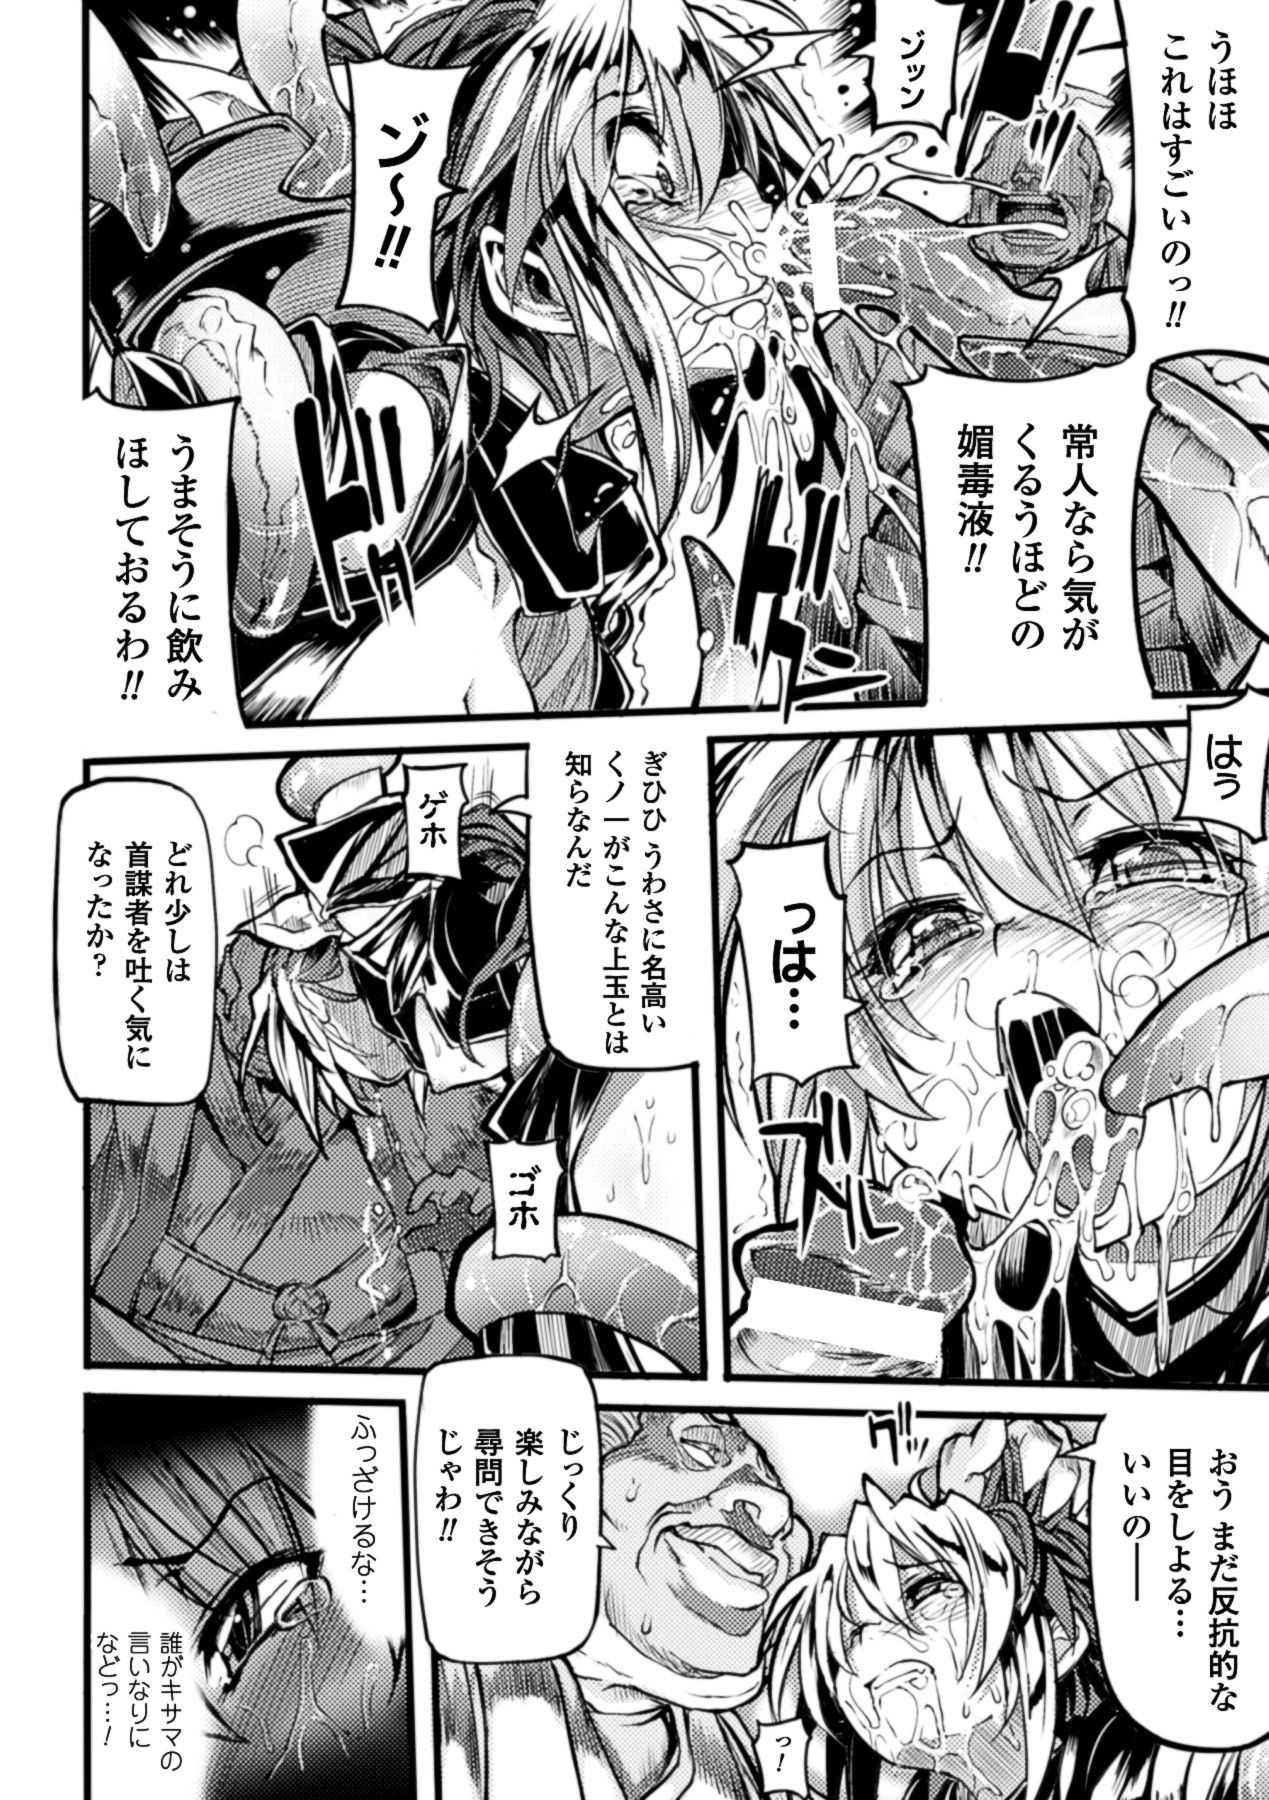 【エロ漫画】単身敵地に乗り込んだロリくノ一…触手に全身を拘束されボテ腹快楽堕ちwww【モチ:堕影】